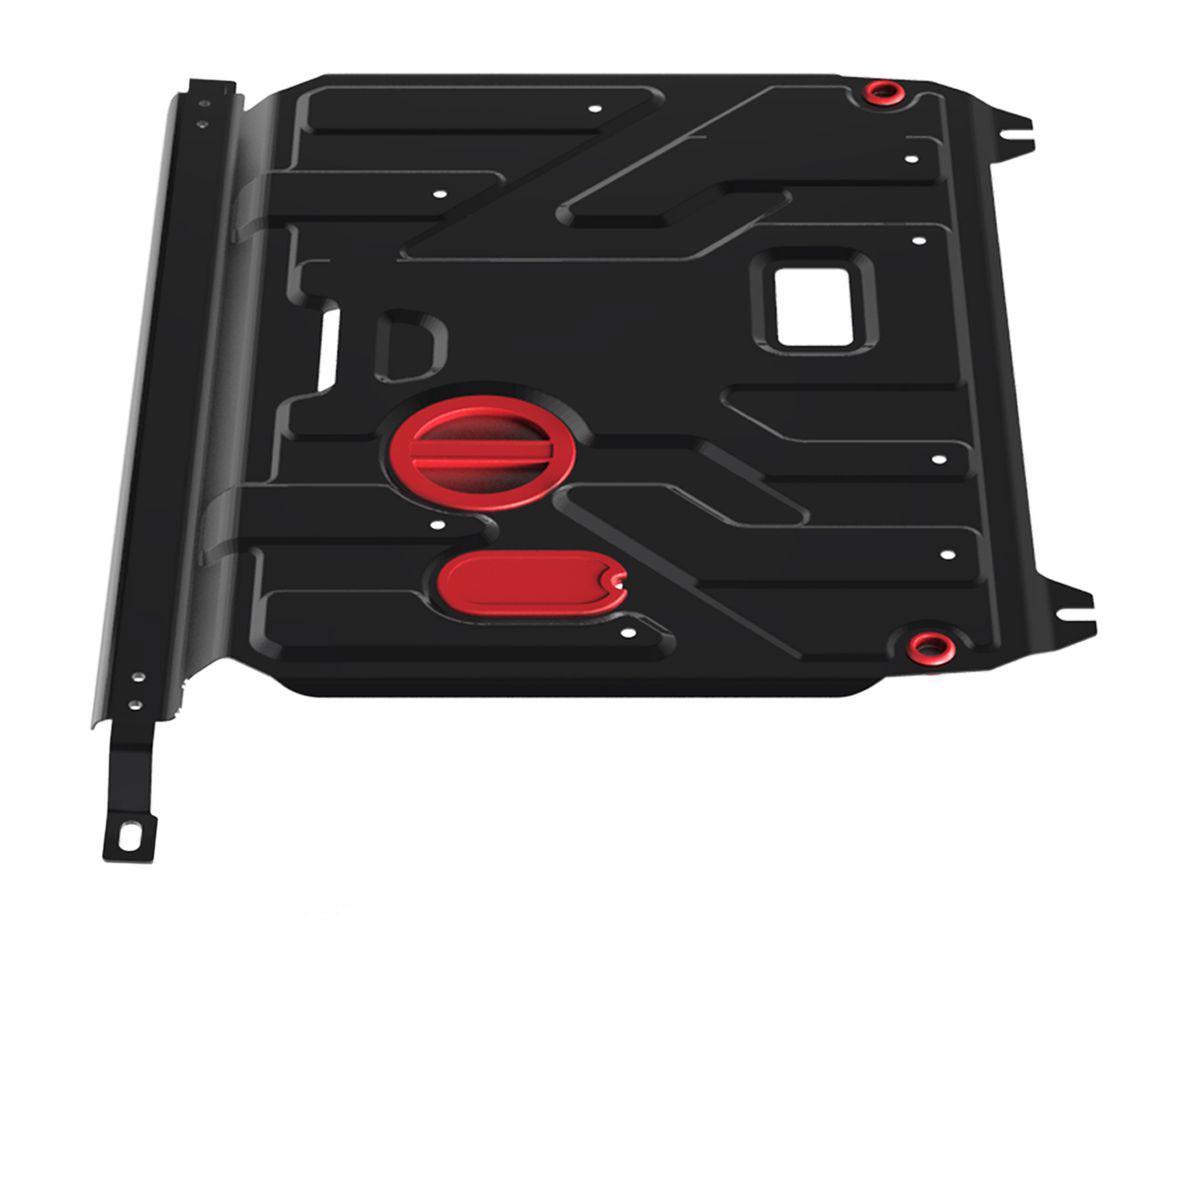 Защита картера и КПП Автоброня, для Hyundai Solaris V-1,4, 1,6 (2011-)/Kia Rio, V-все (2011-)111.02343.1Защита картера и КПП Автоброня выполнена из высококачественной стали с пластиковыми вставками. Глубокий штамп усиливает конструкцию. Защита оснащена отверстием с крышкой для слива масла, виброгасящими компенсаторами и отверстиями для слива воды. Толщина стали: 2 мм. В комплекте набор крепежа.